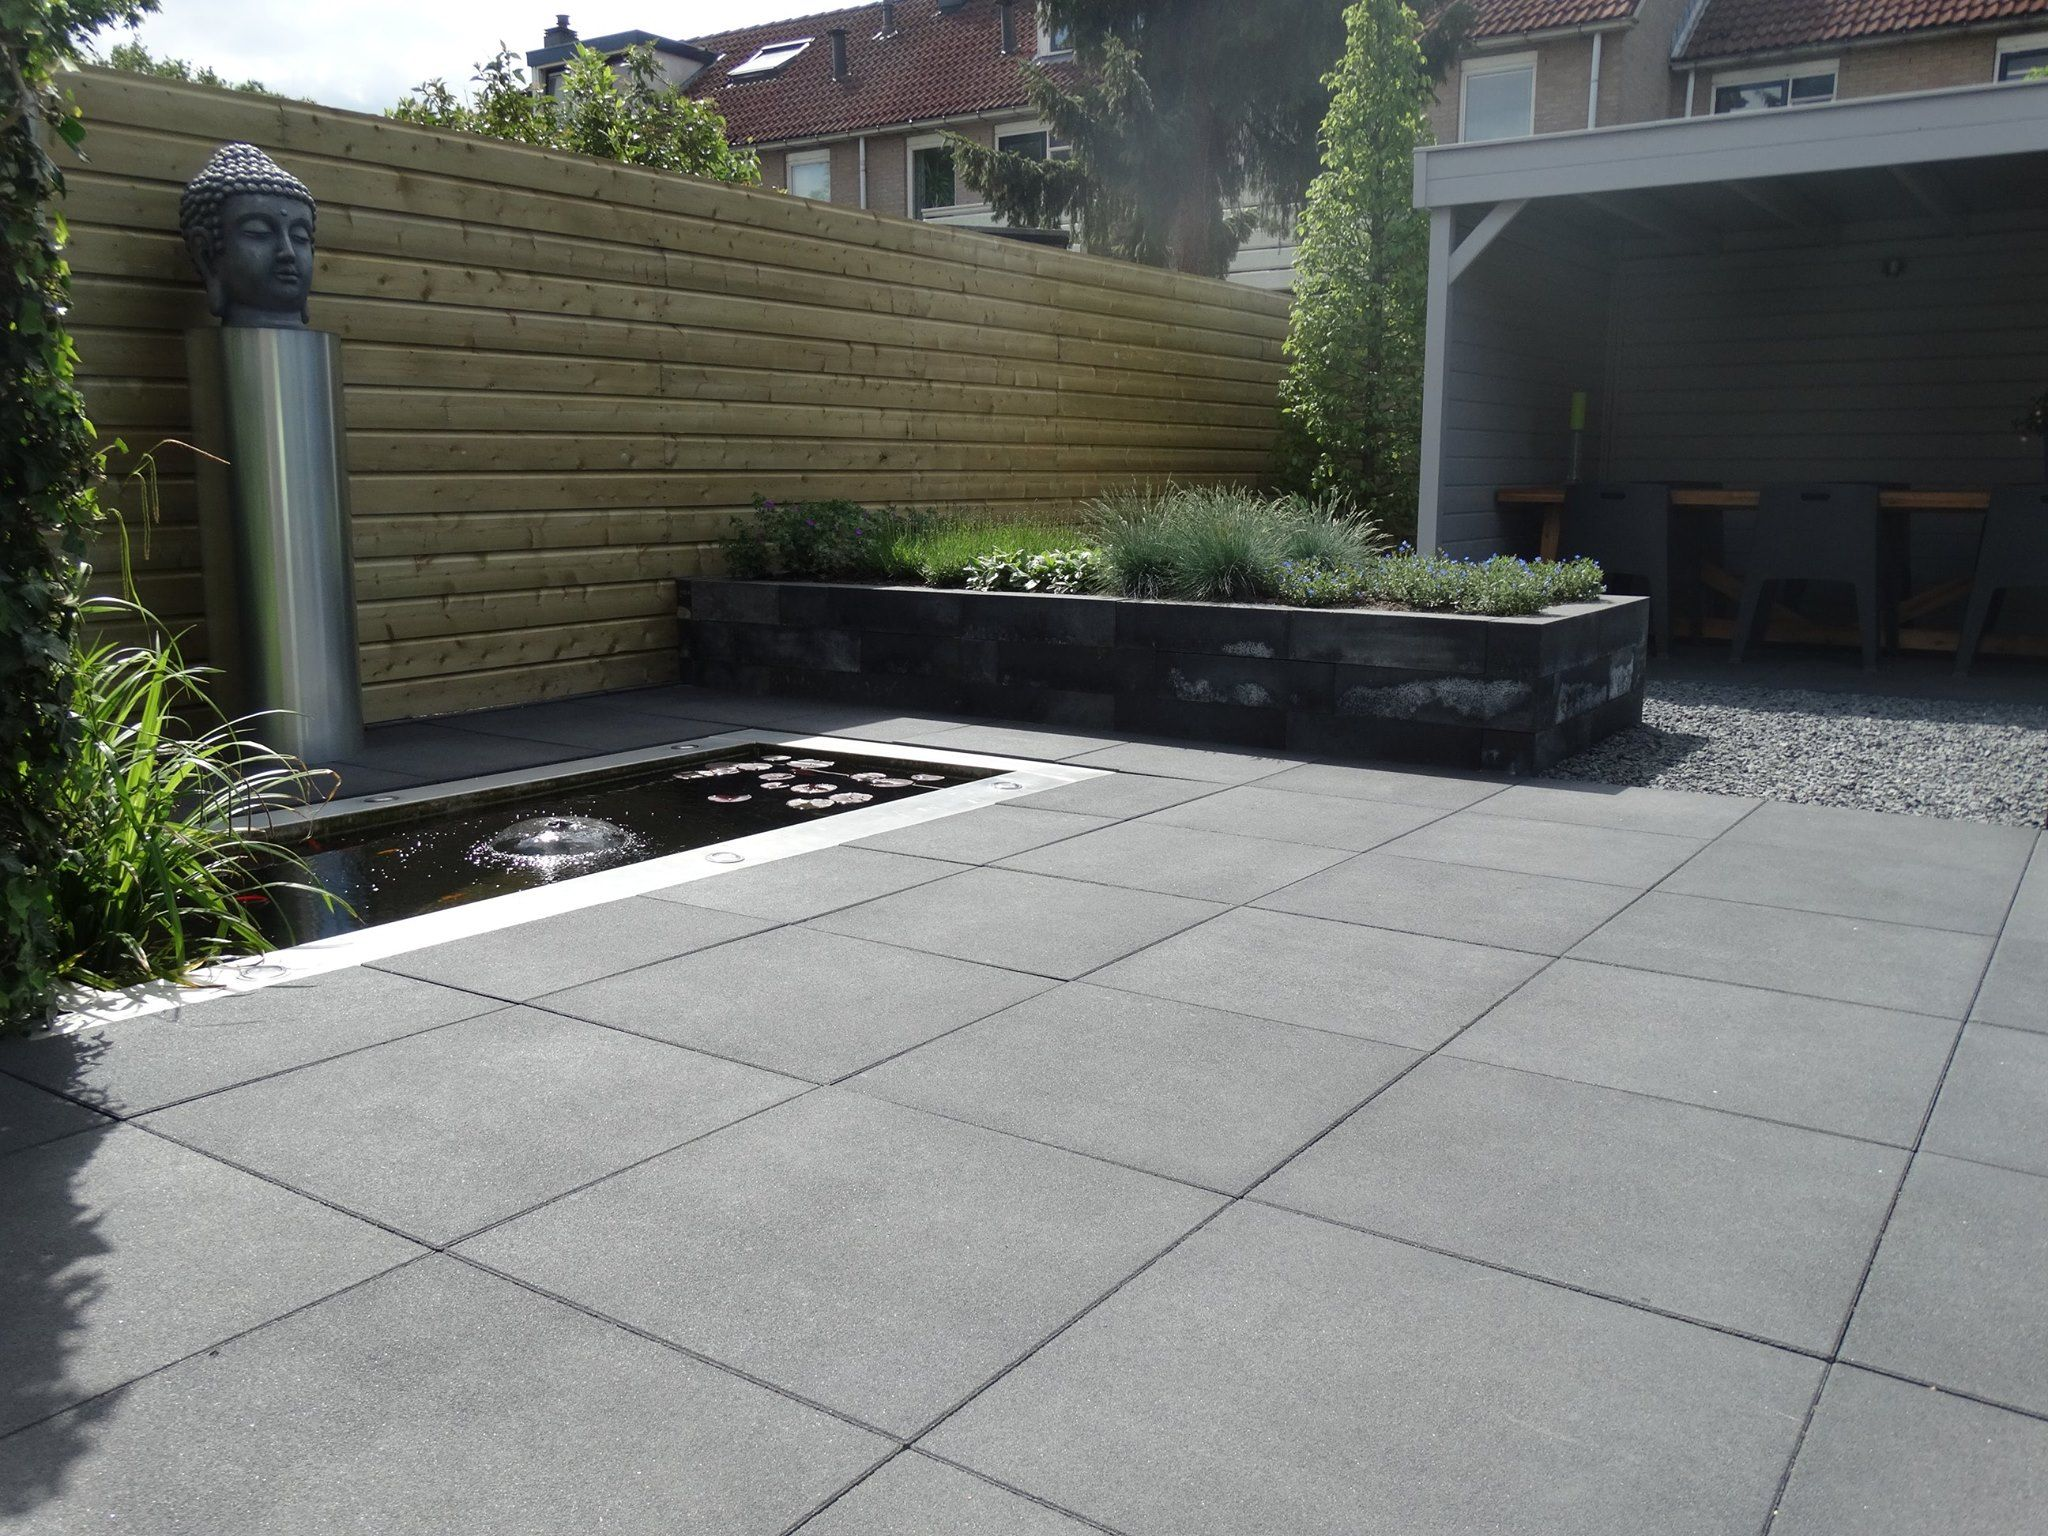 Patio tile 60x60 gecombineerd met strakke actie muurblokken snijers bestratingen heeft deze - Luifel ontwerp voor patio ...